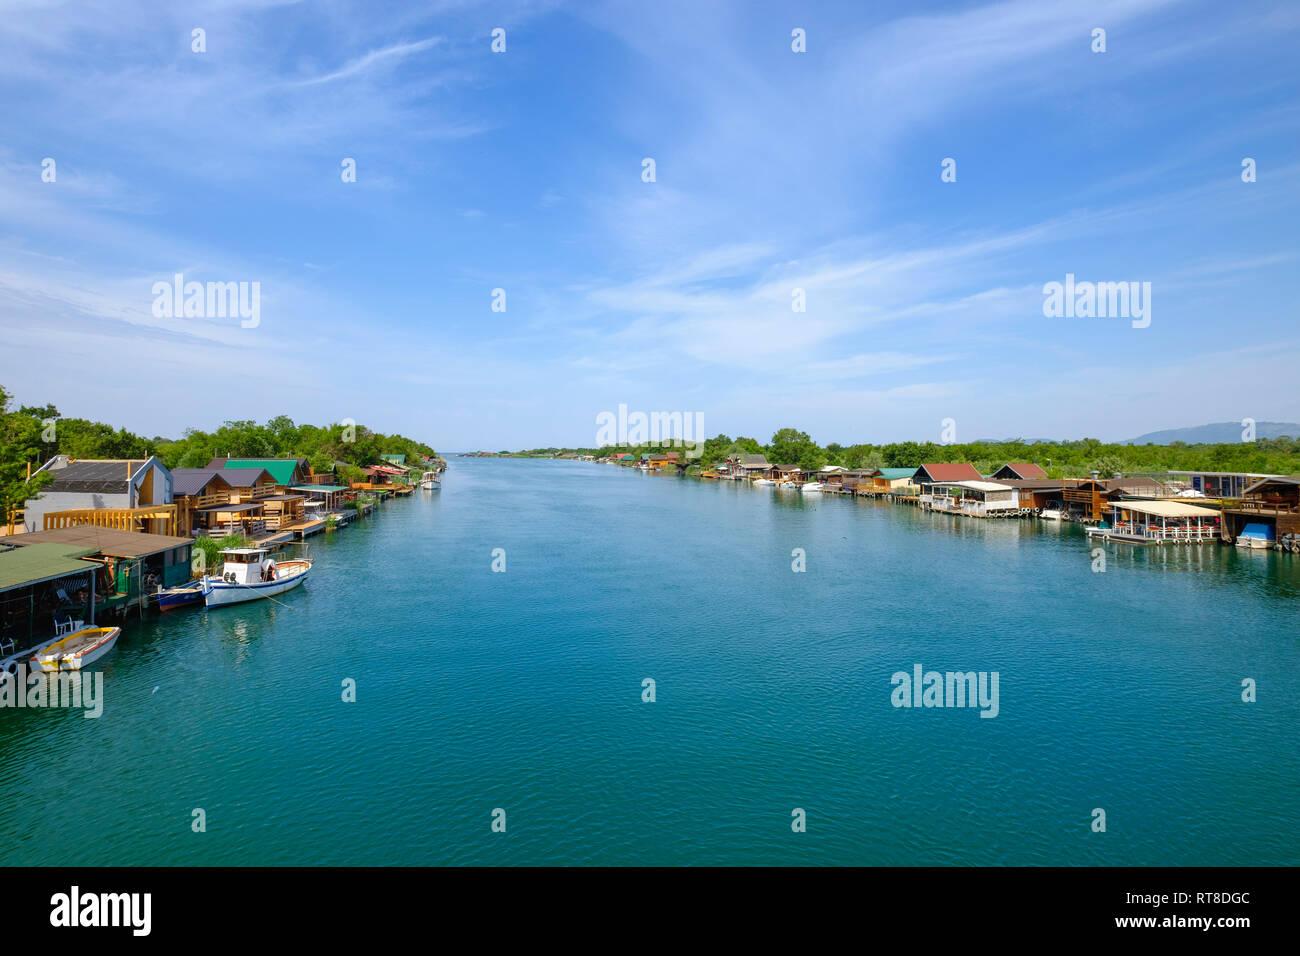 Montenegro, Bojana river near Ulcinj Stock Photo